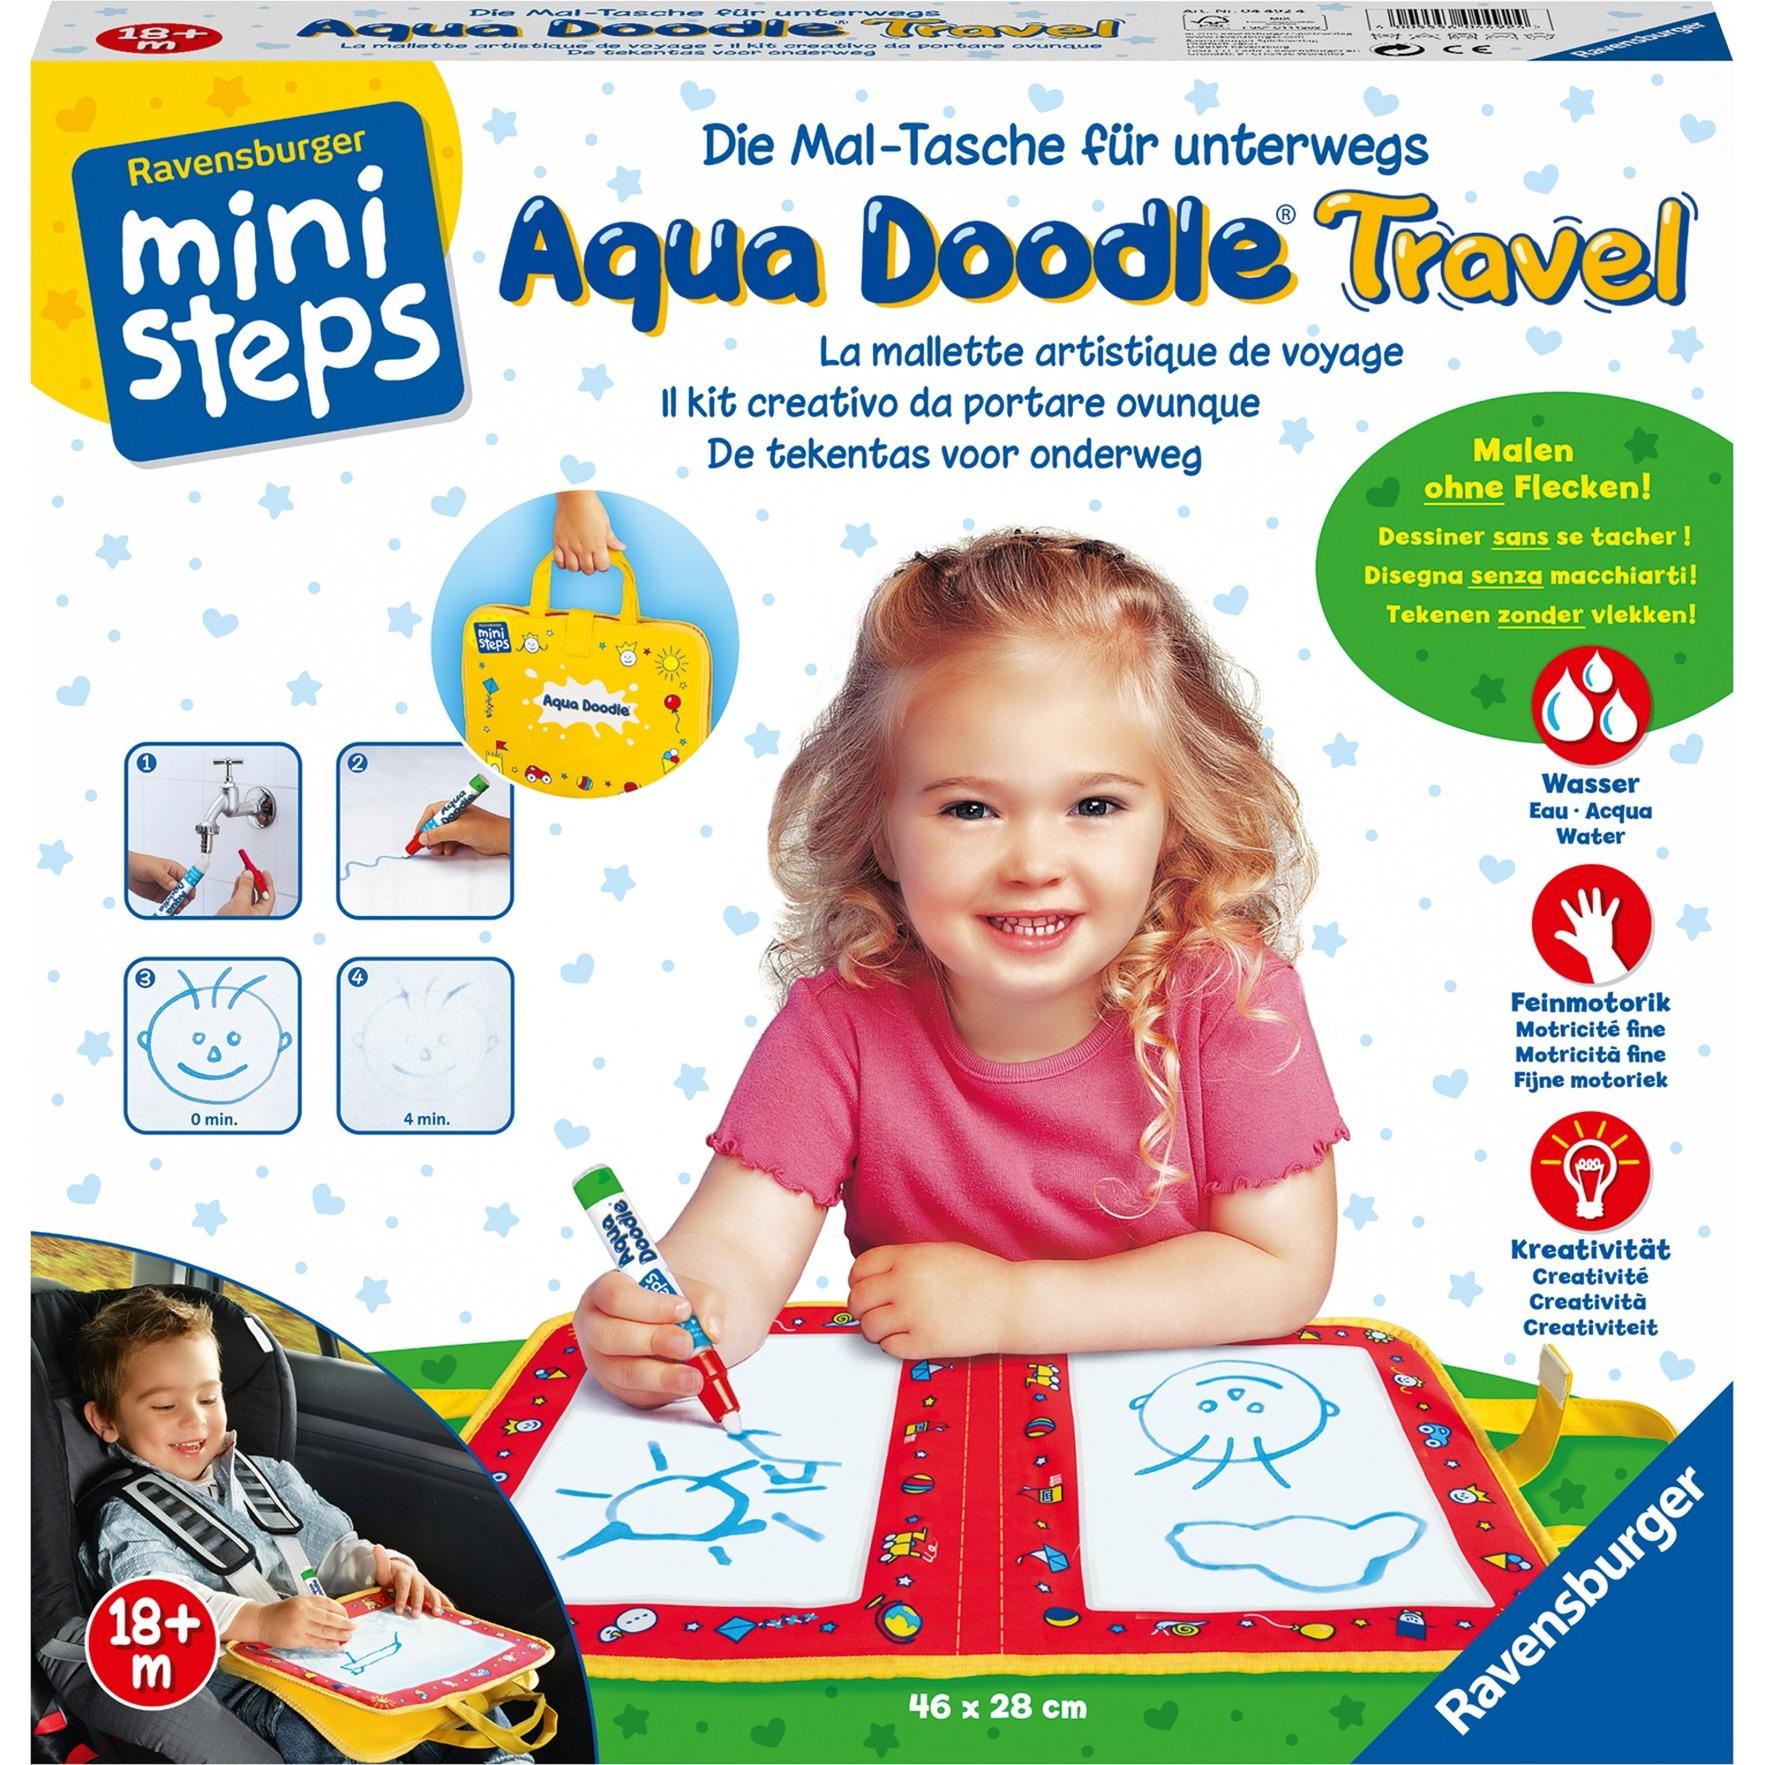 ministeps-aqua-doodle-travel-879